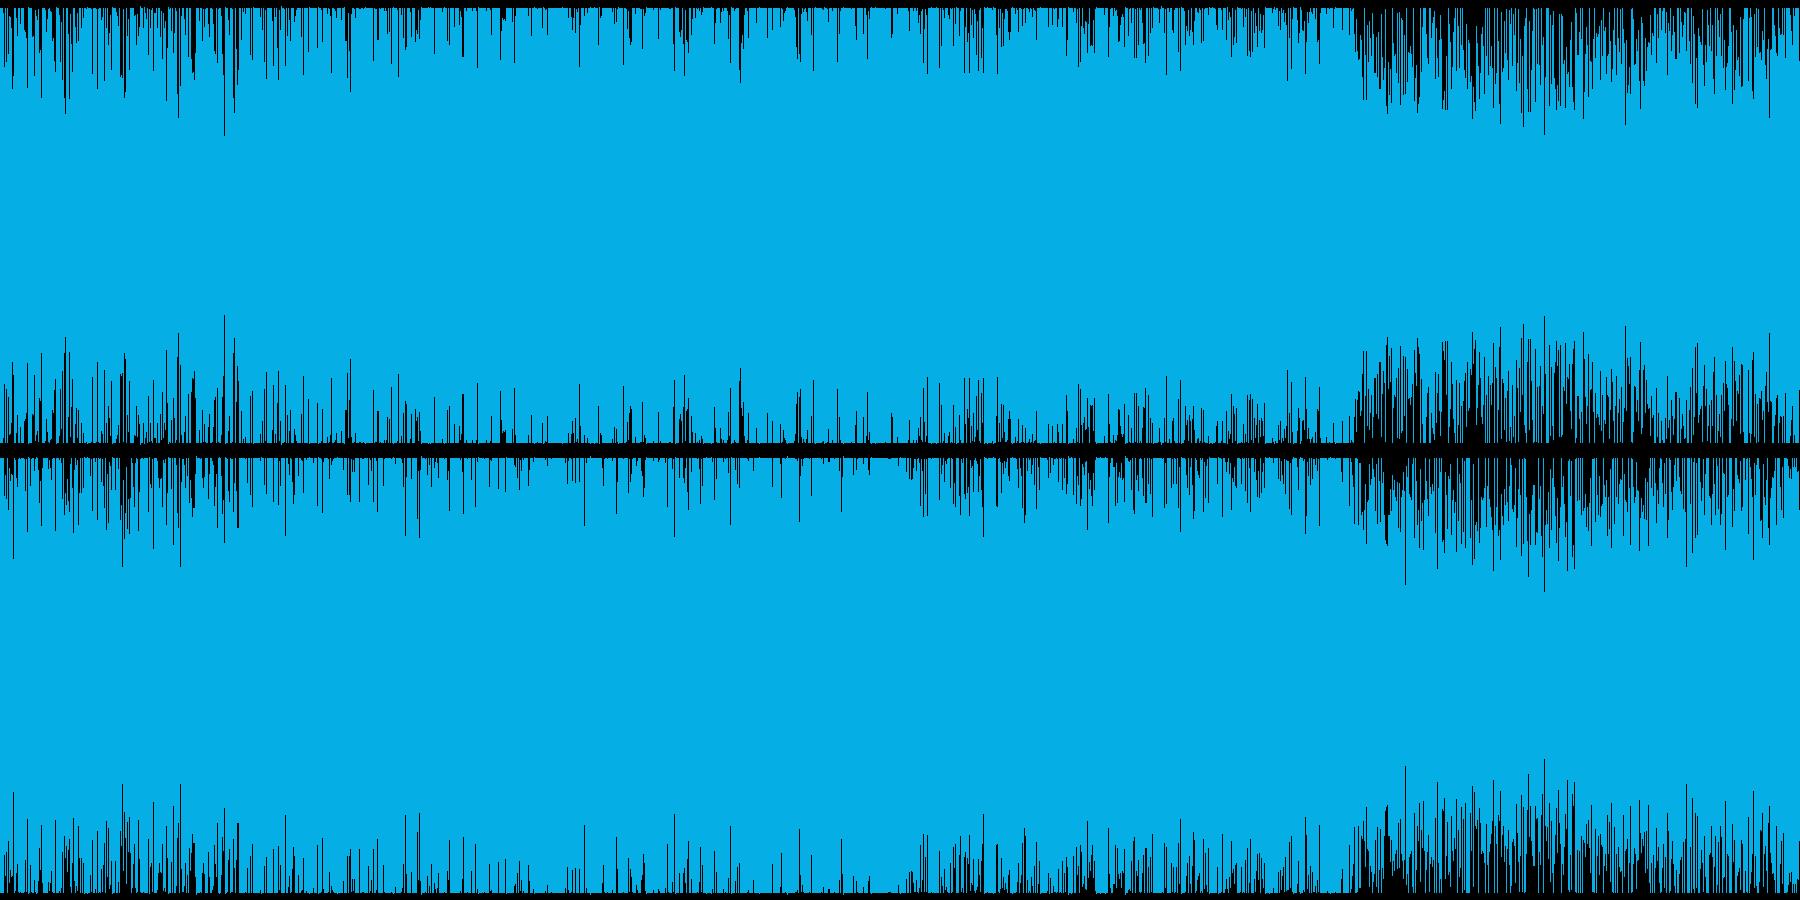 ダークなサスペンスシネマ風サウンドループの再生済みの波形